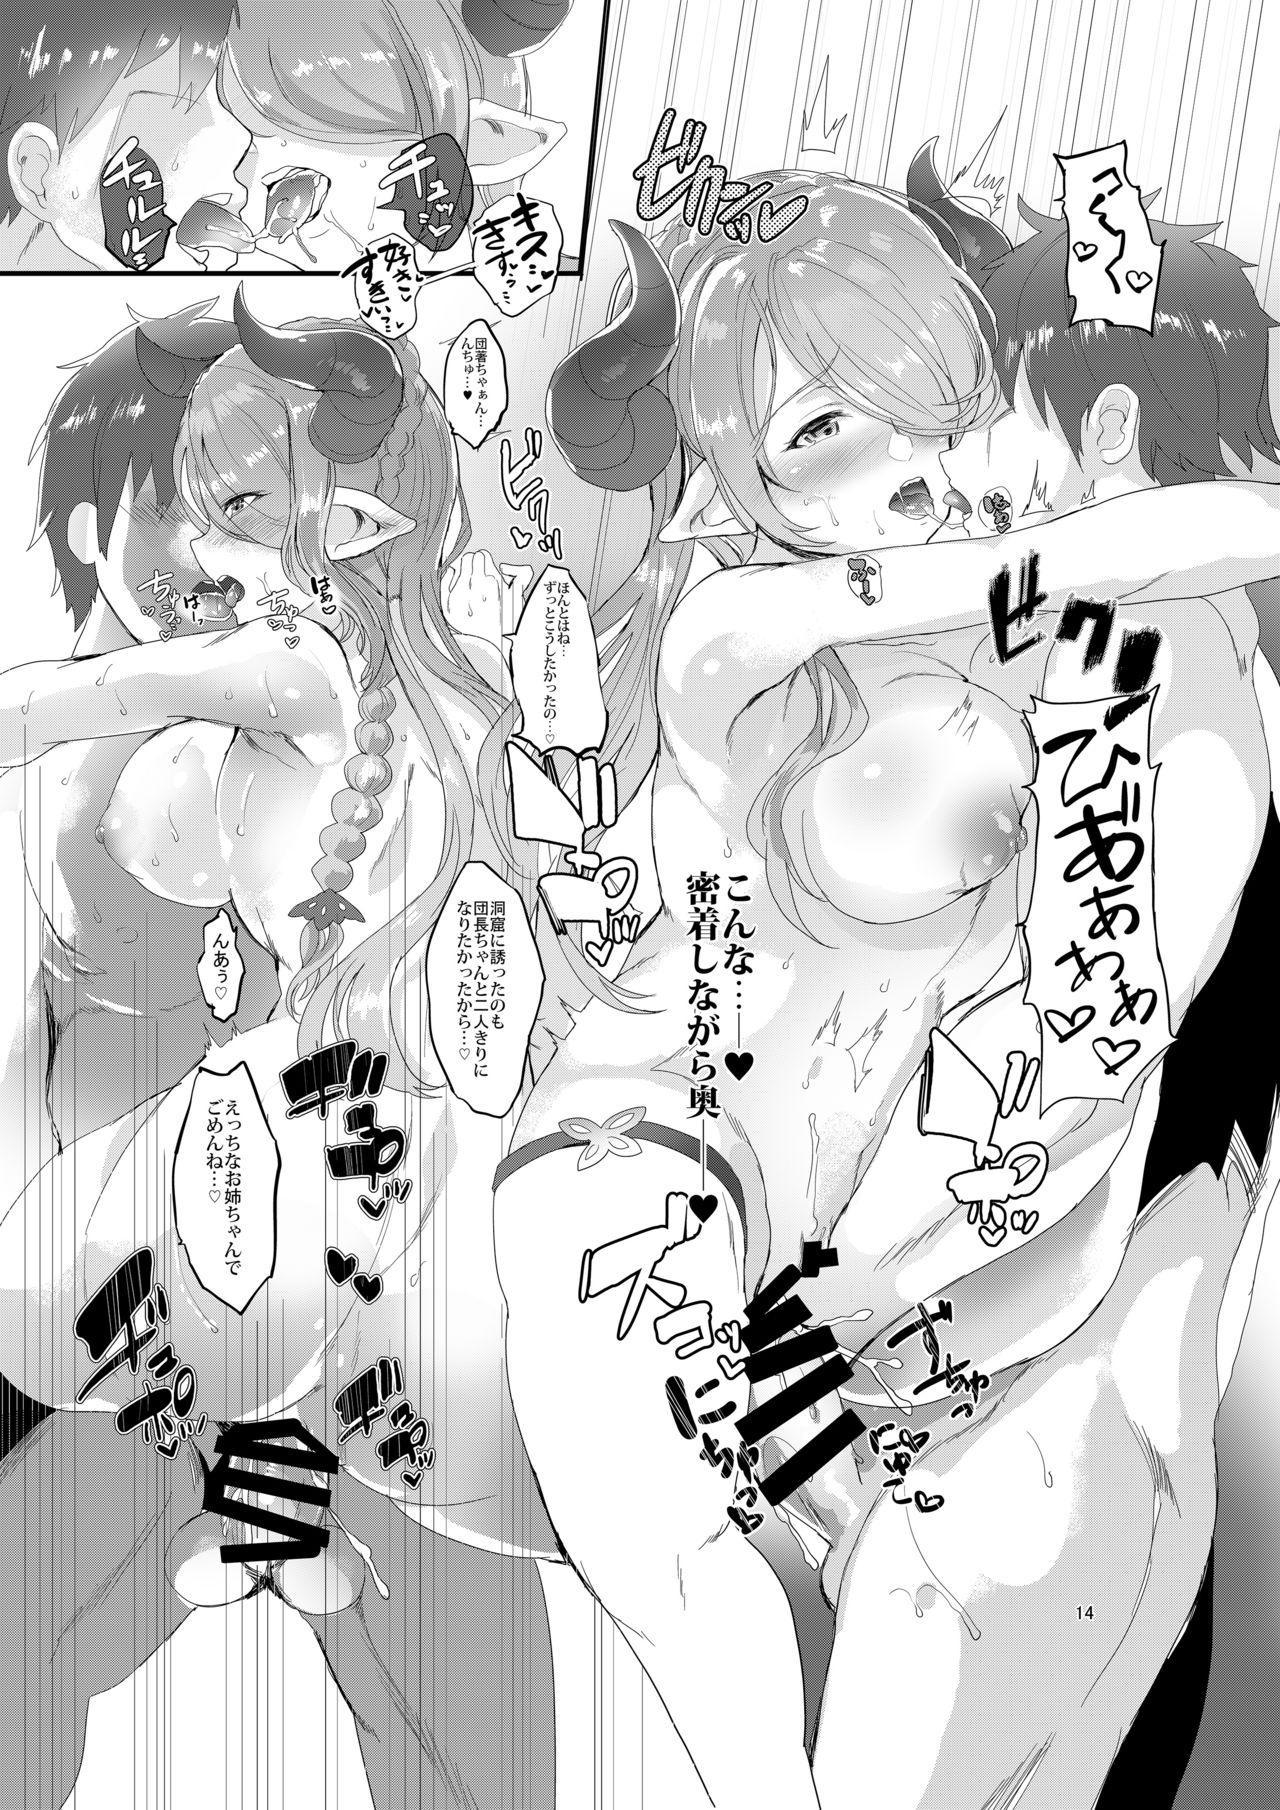 Narmaya Onee-chan to Hitonatsu no Omoide Tsukurokka? 14